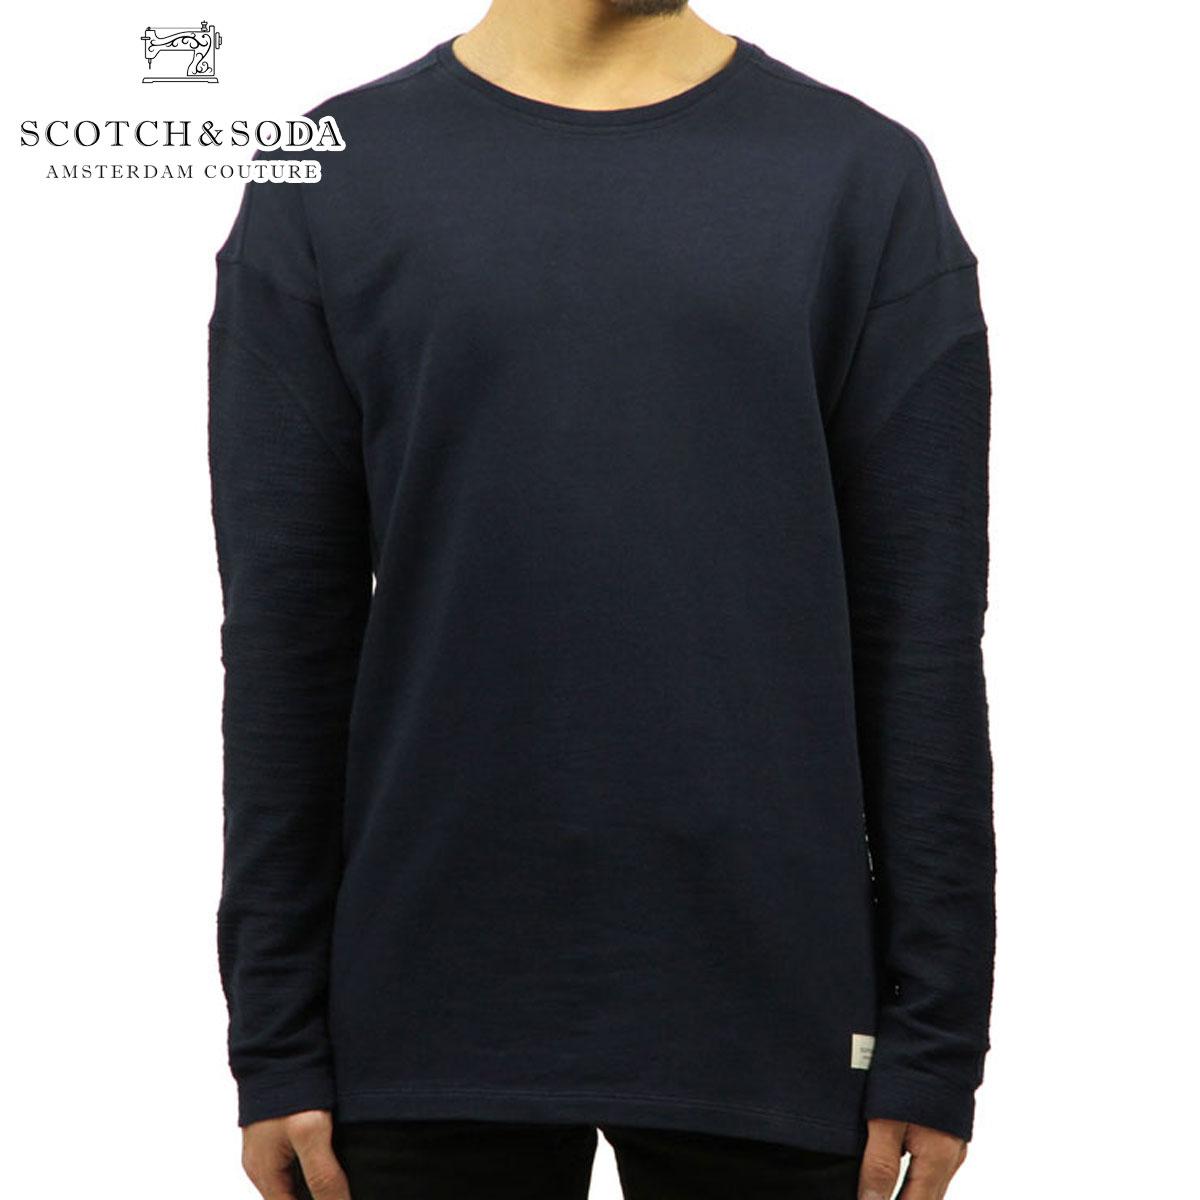 スコッチアンドソーダ SCOTCH&SODA 正規販売店 メンズ 長袖Tシャツ PLAIN FRONT CREWNECK SWEAT 136419 0002 NIGHT